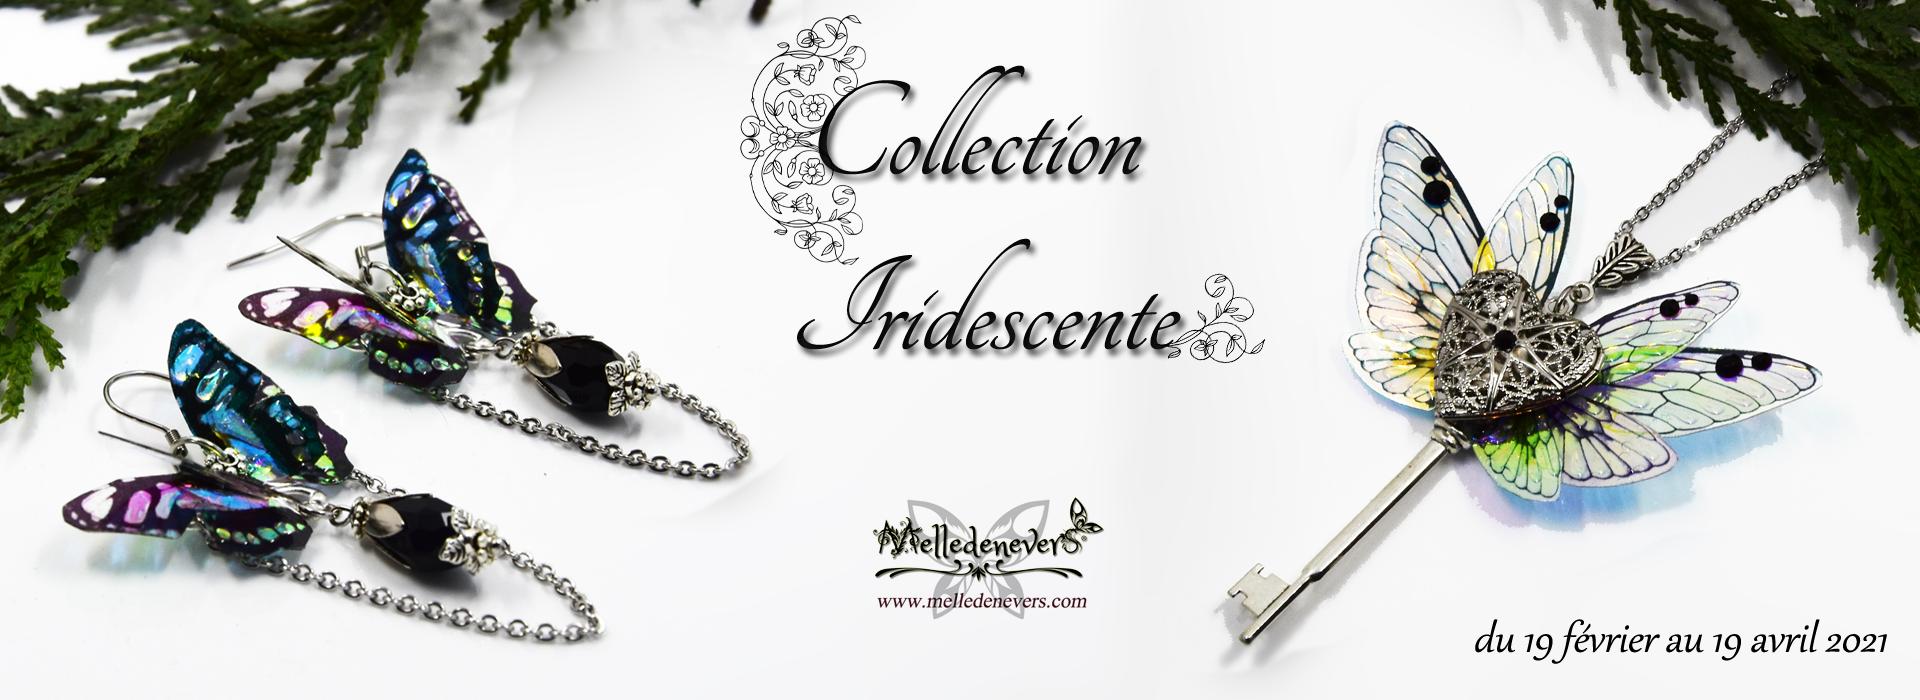 Collection Iridescente